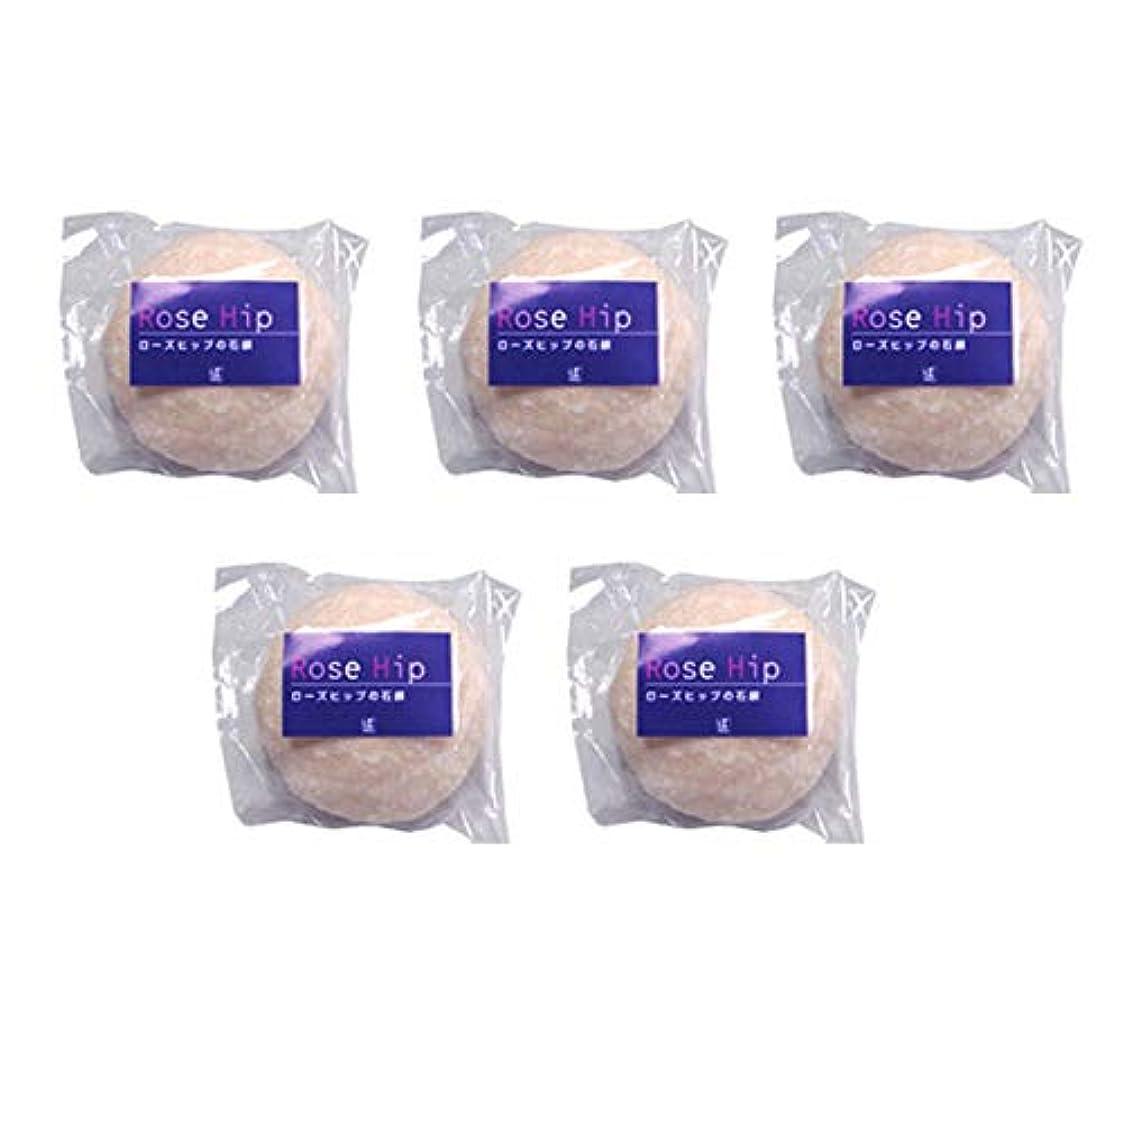 ご覧ください廊下サスティーン山澤清ローズヒップ石鹸5個セット(70g×5個) ローズヒップ無添加洗顔石鹸